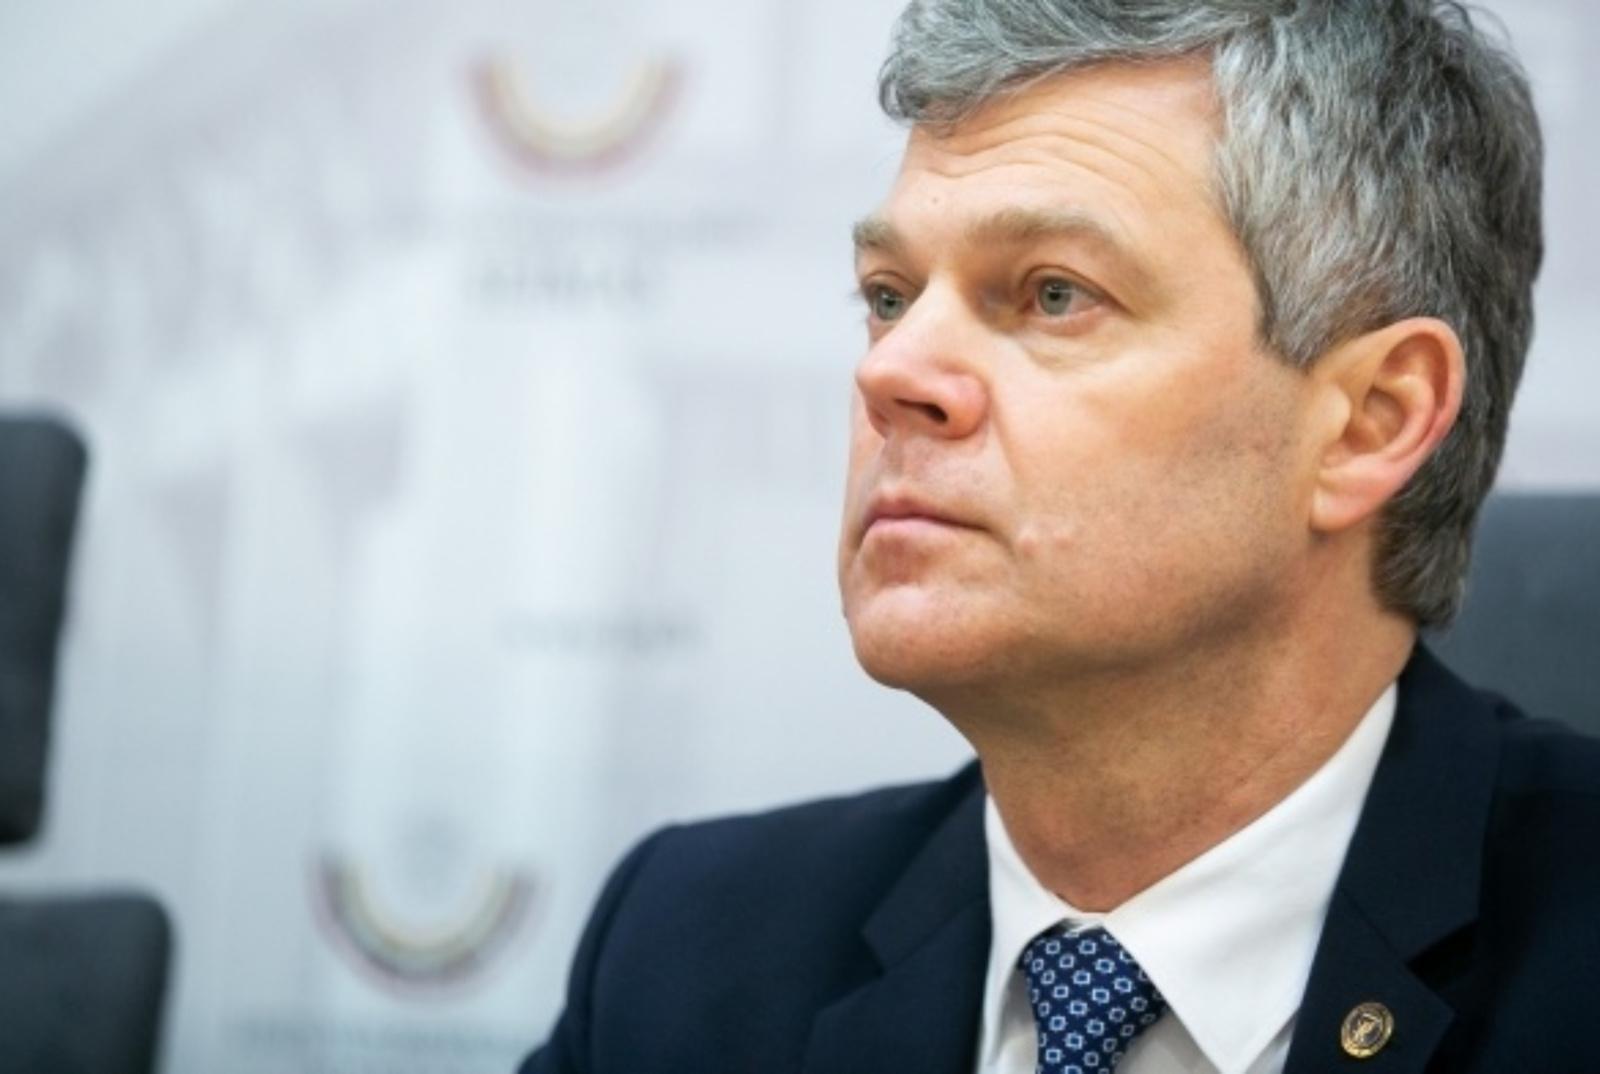 VSD griežtai neigia pranešimą, kad rinko informaciją rinkimų kampanijos metu